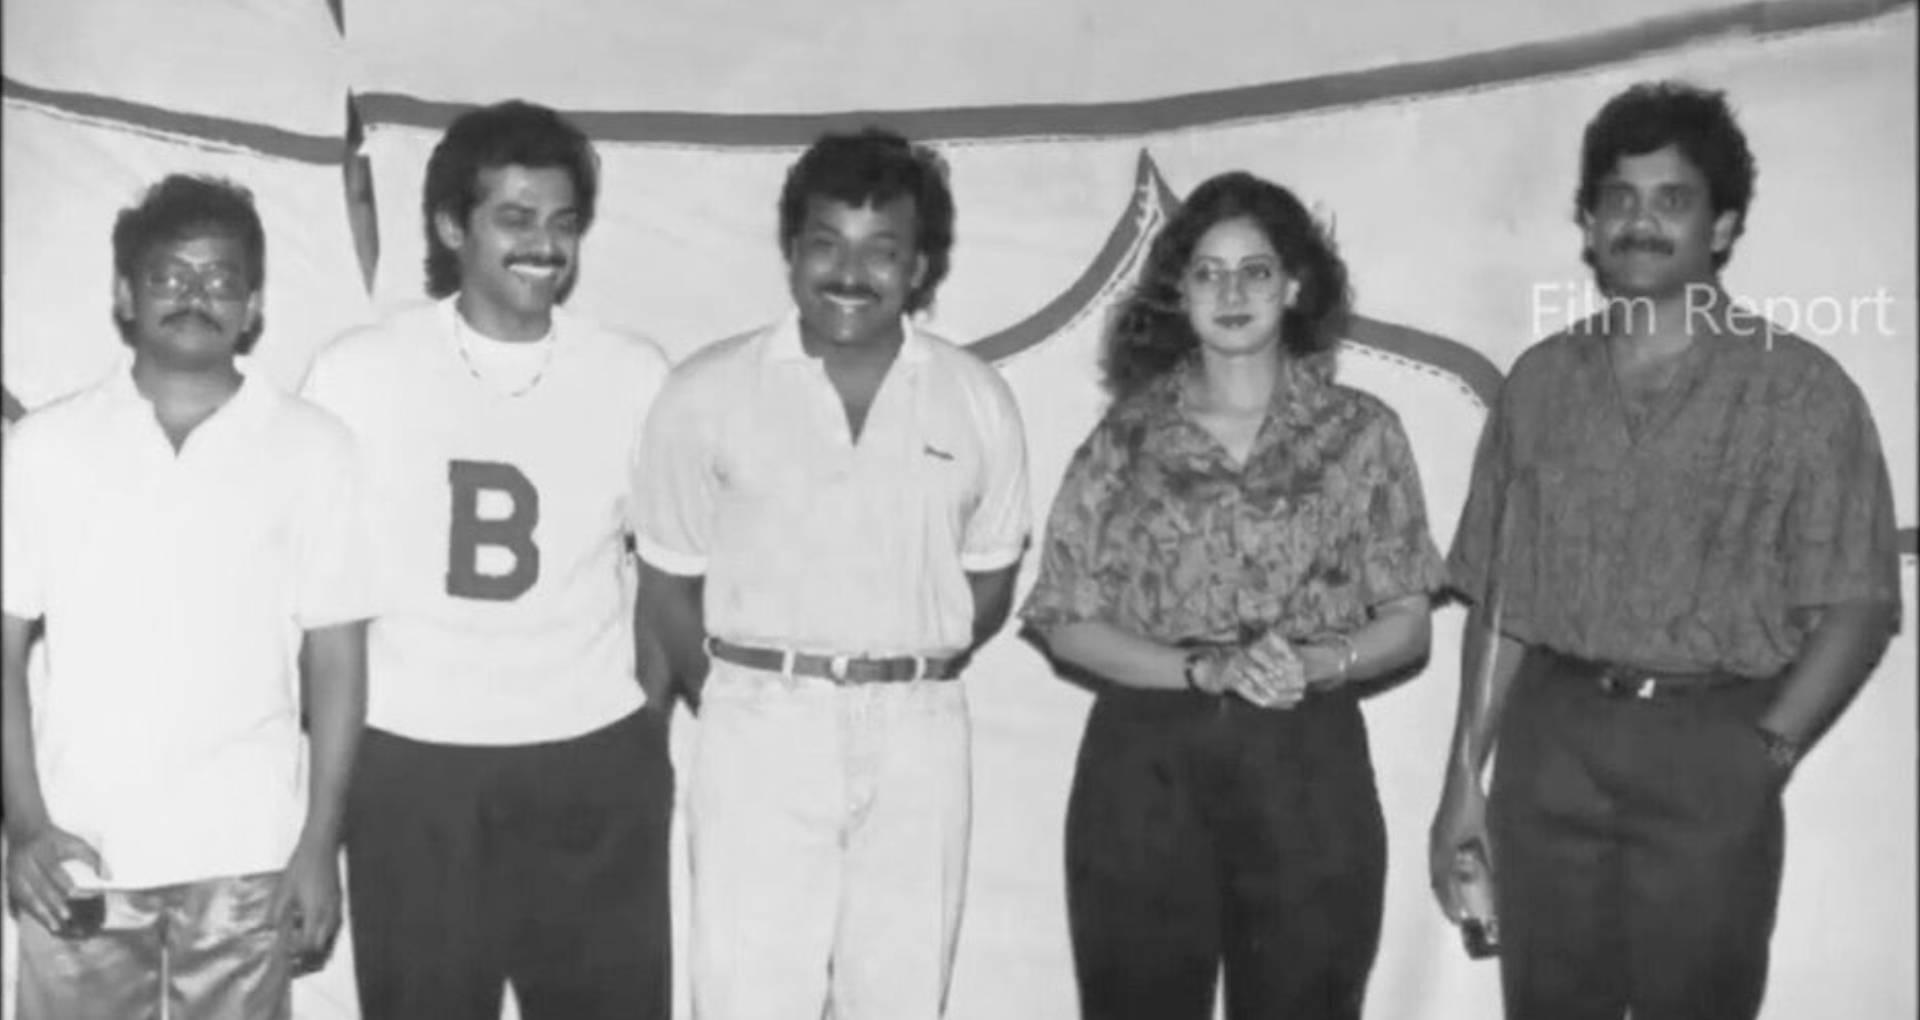 एक्ट्रेस श्रीदेवी की पहली पुण्यतिथि आज, राम गोपाल वर्मा- जाह्नवी कपूर ने पुरानी तस्वीर शेयर कर कहीं ये बातें